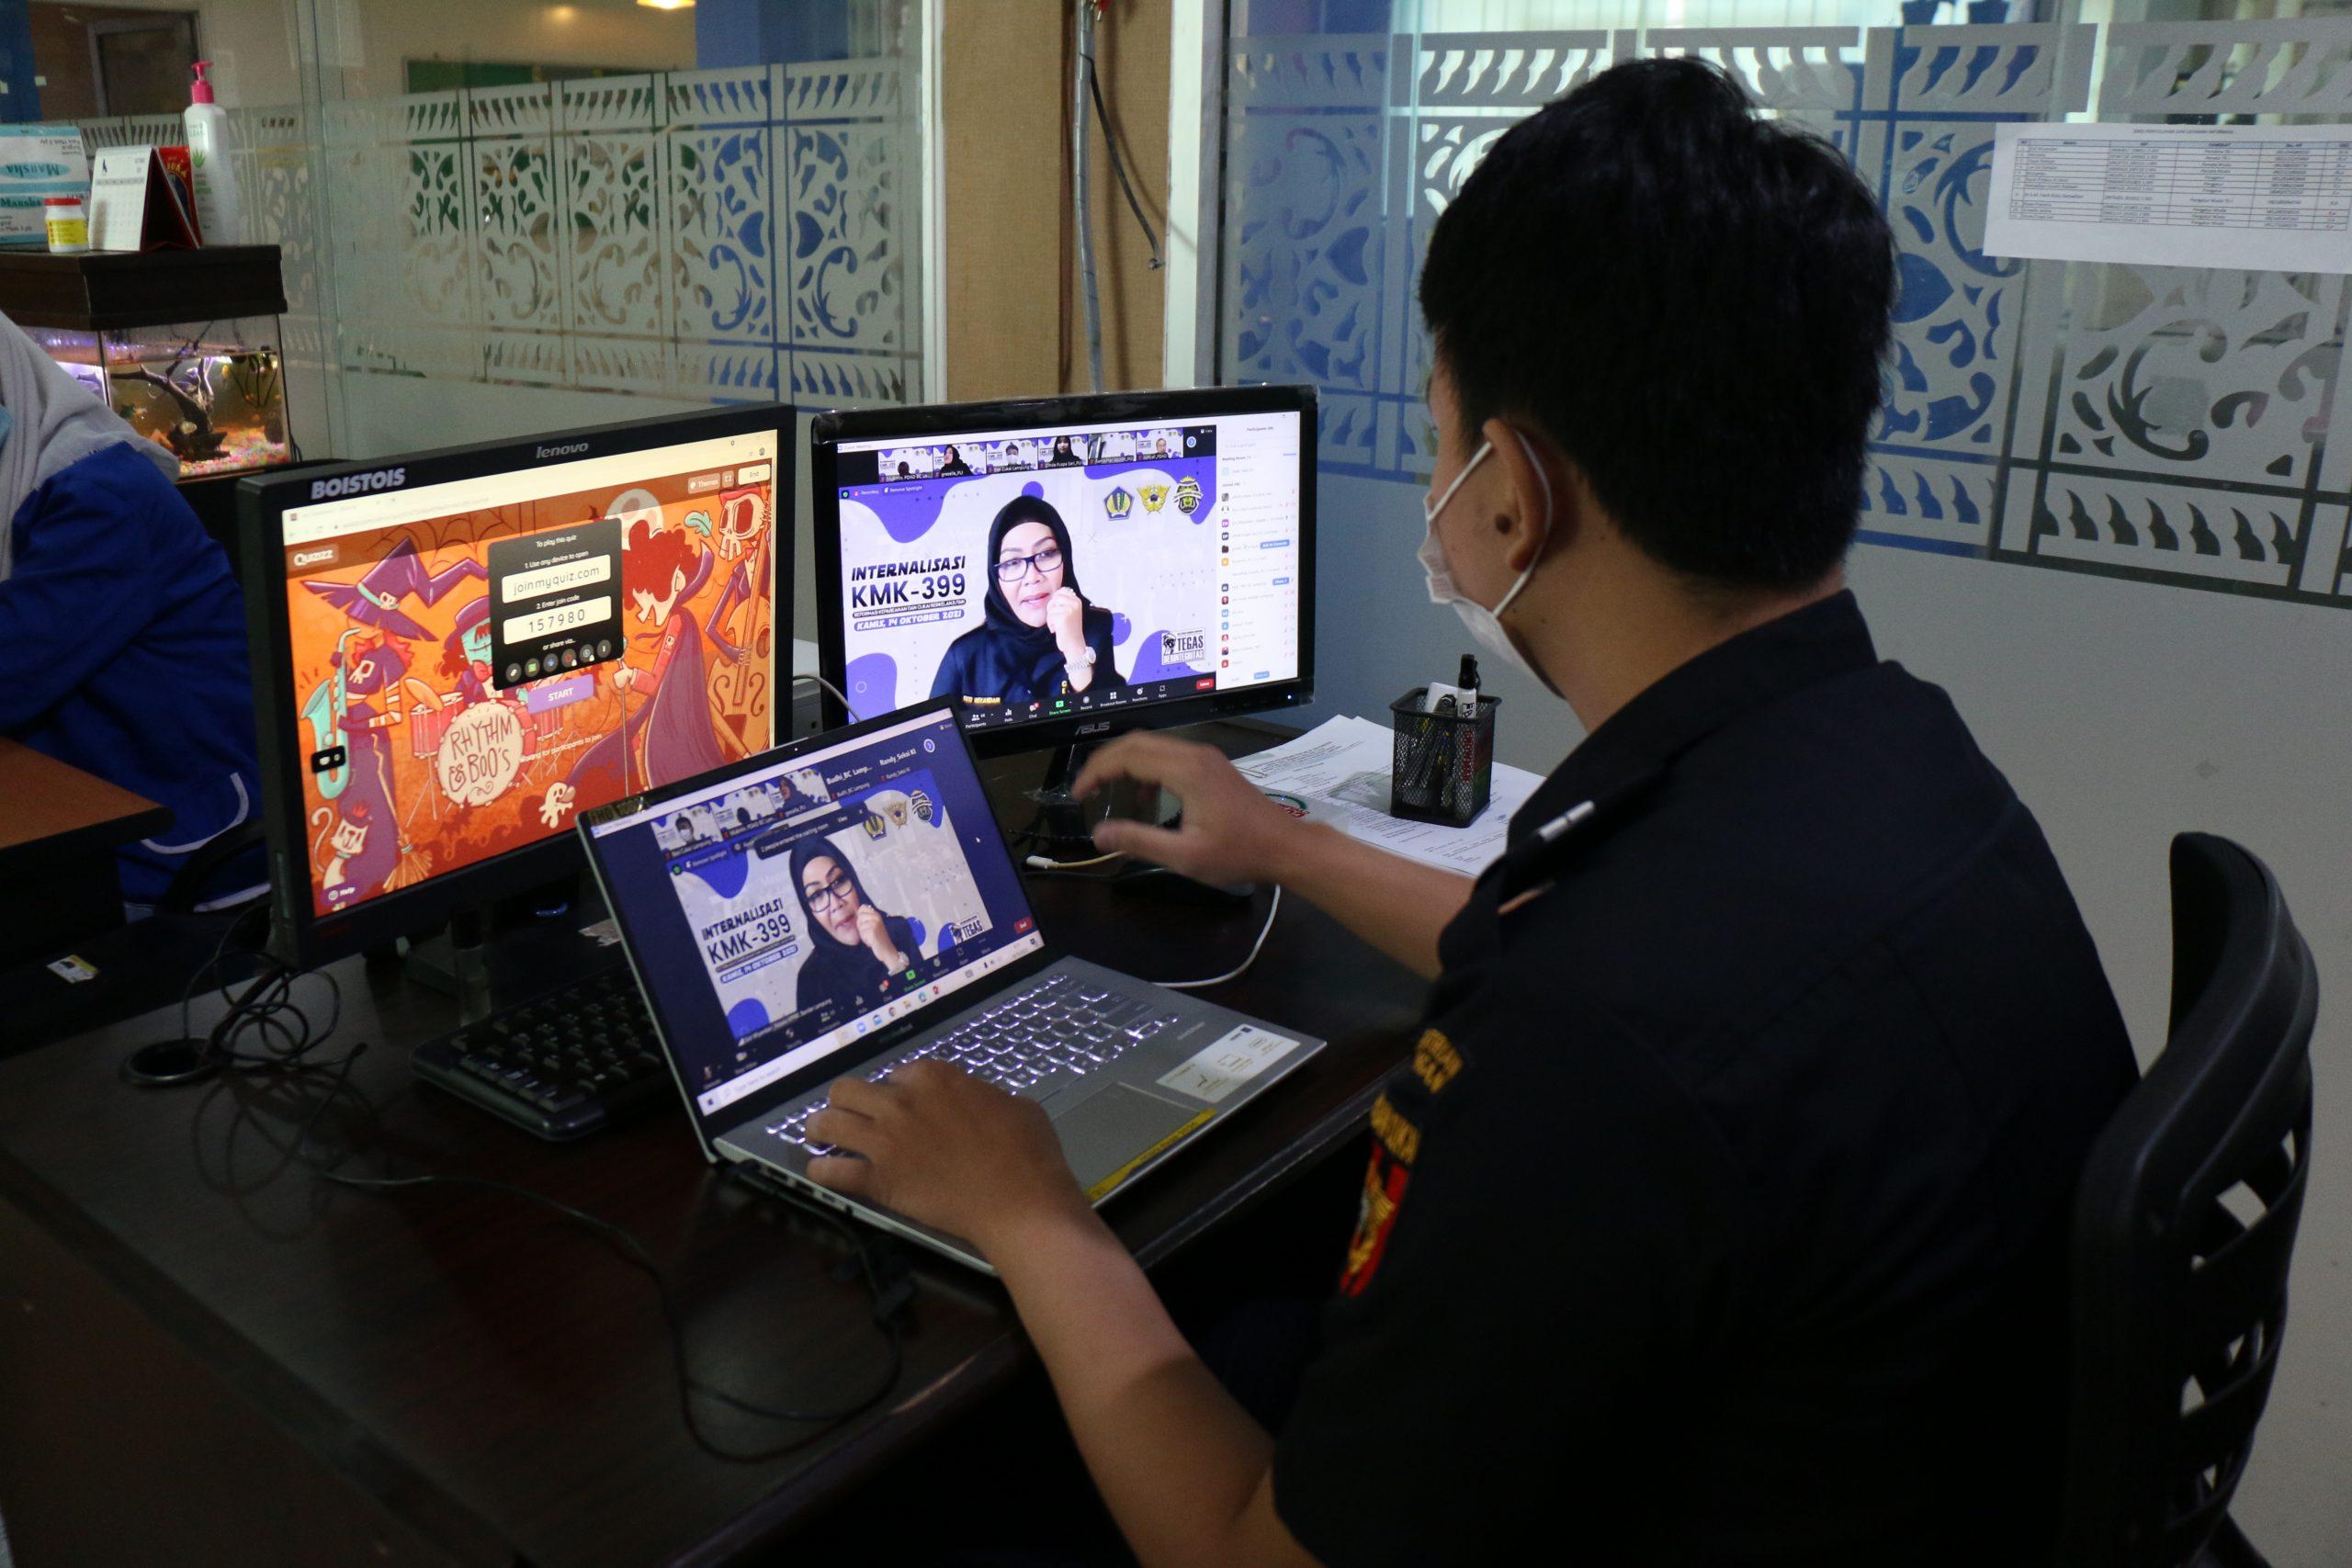 Bea Cukai Lampung Salurkan Semangat Reformasi Berkelanjutan Lewat Internalisasi